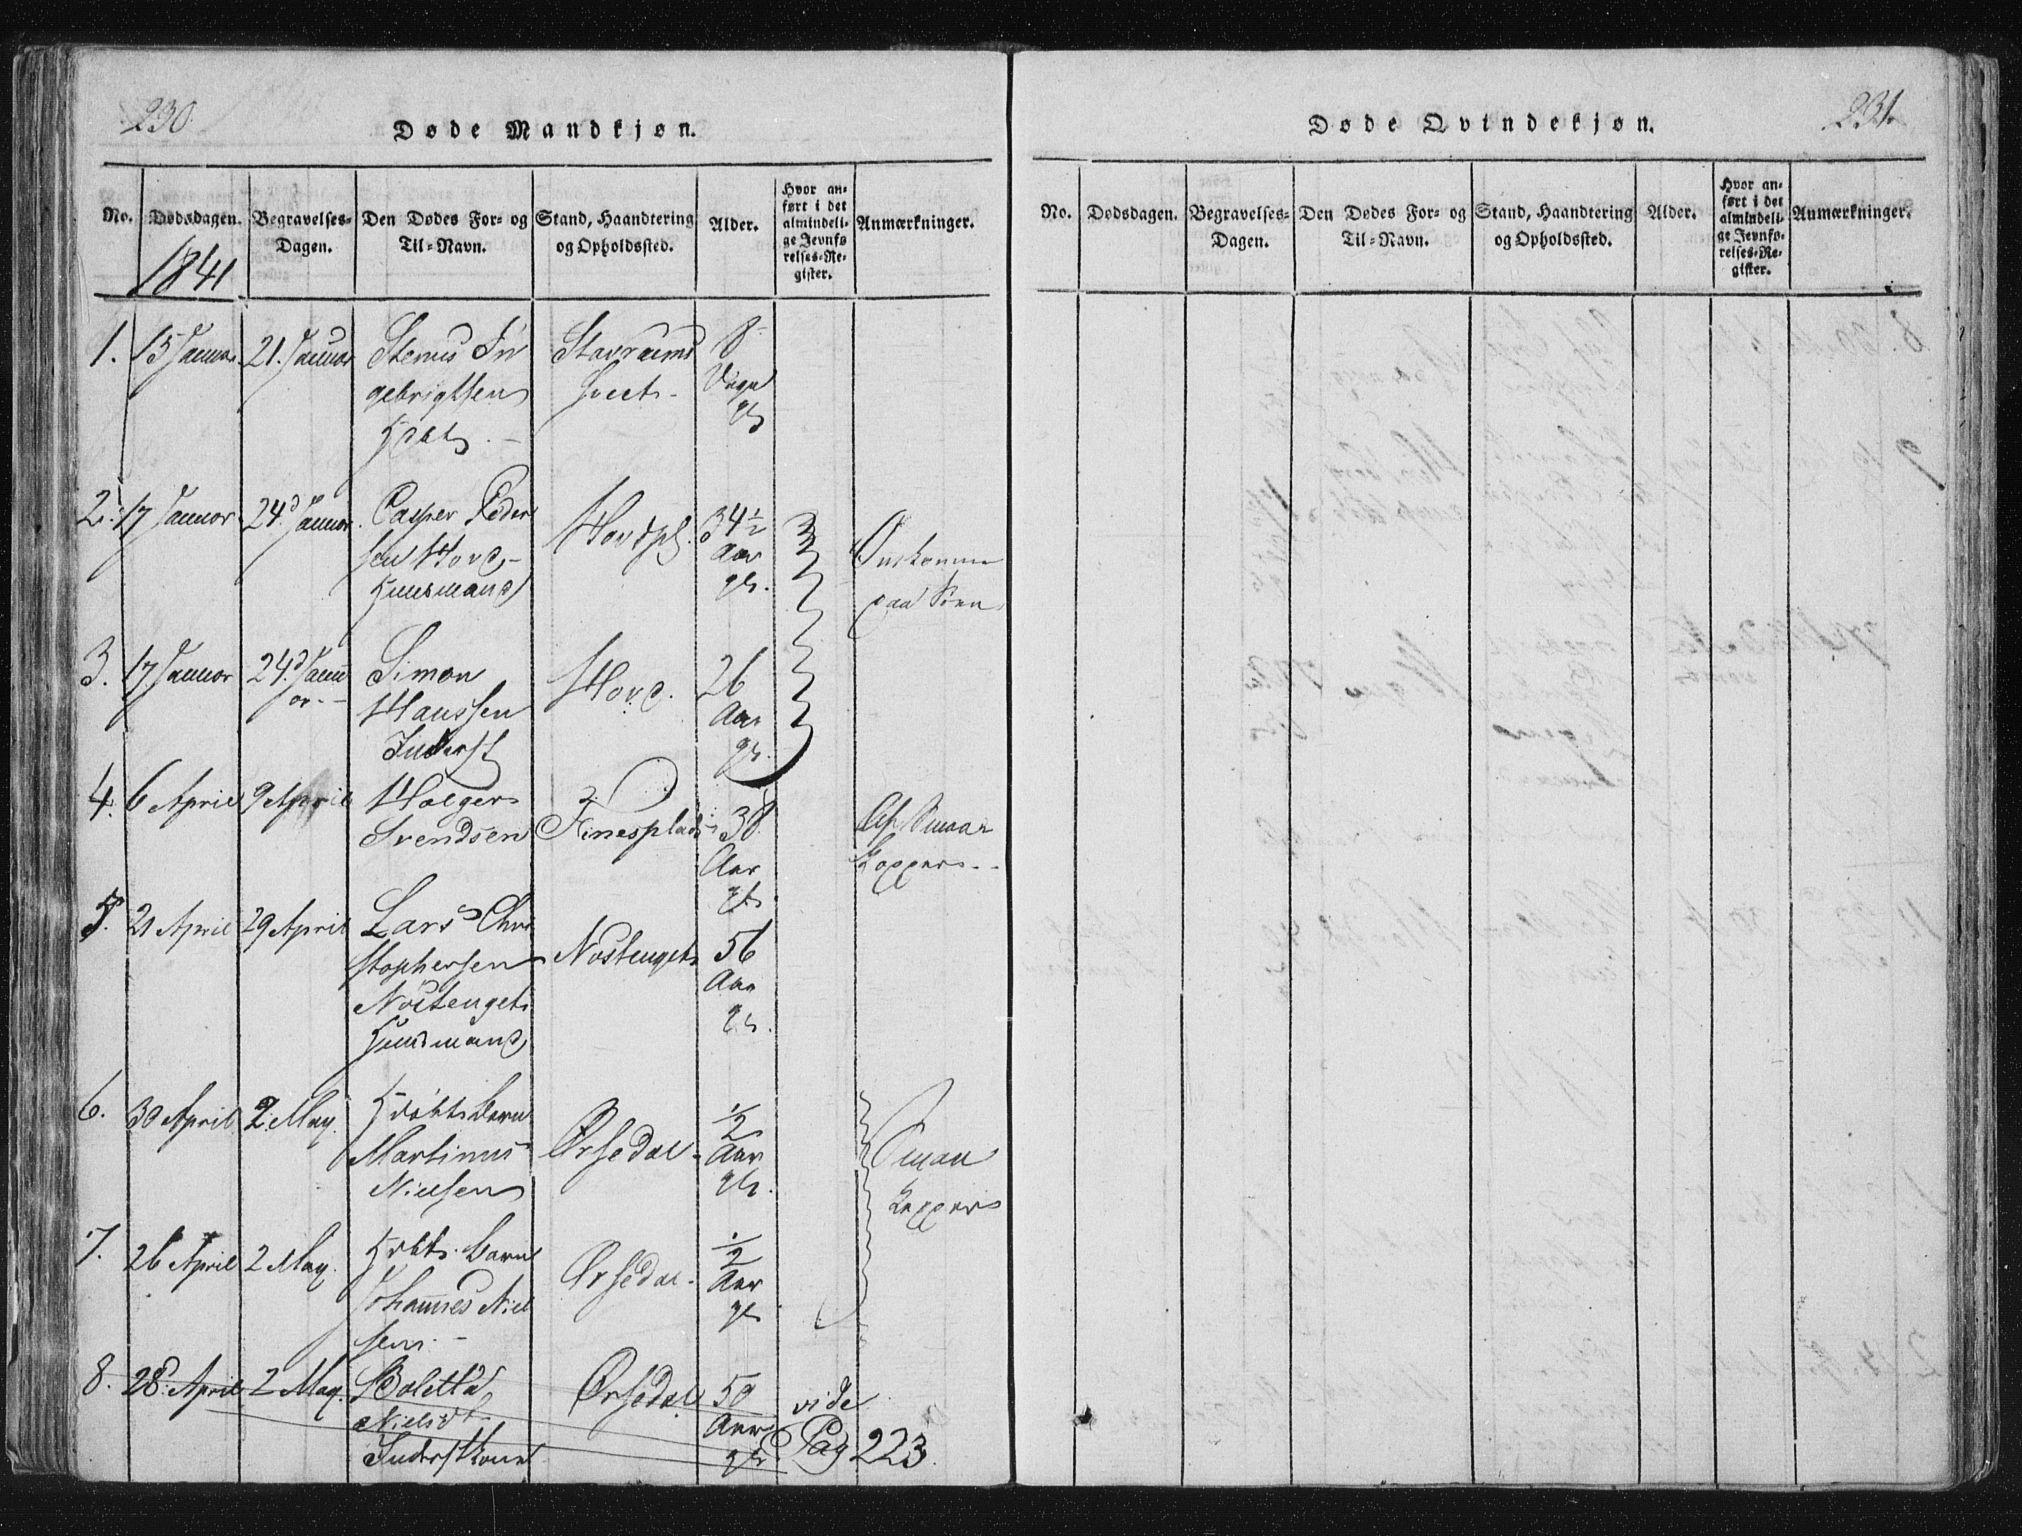 SAT, Ministerialprotokoller, klokkerbøker og fødselsregistre - Nord-Trøndelag, 744/L0417: Ministerialbok nr. 744A01, 1817-1842, s. 230-231